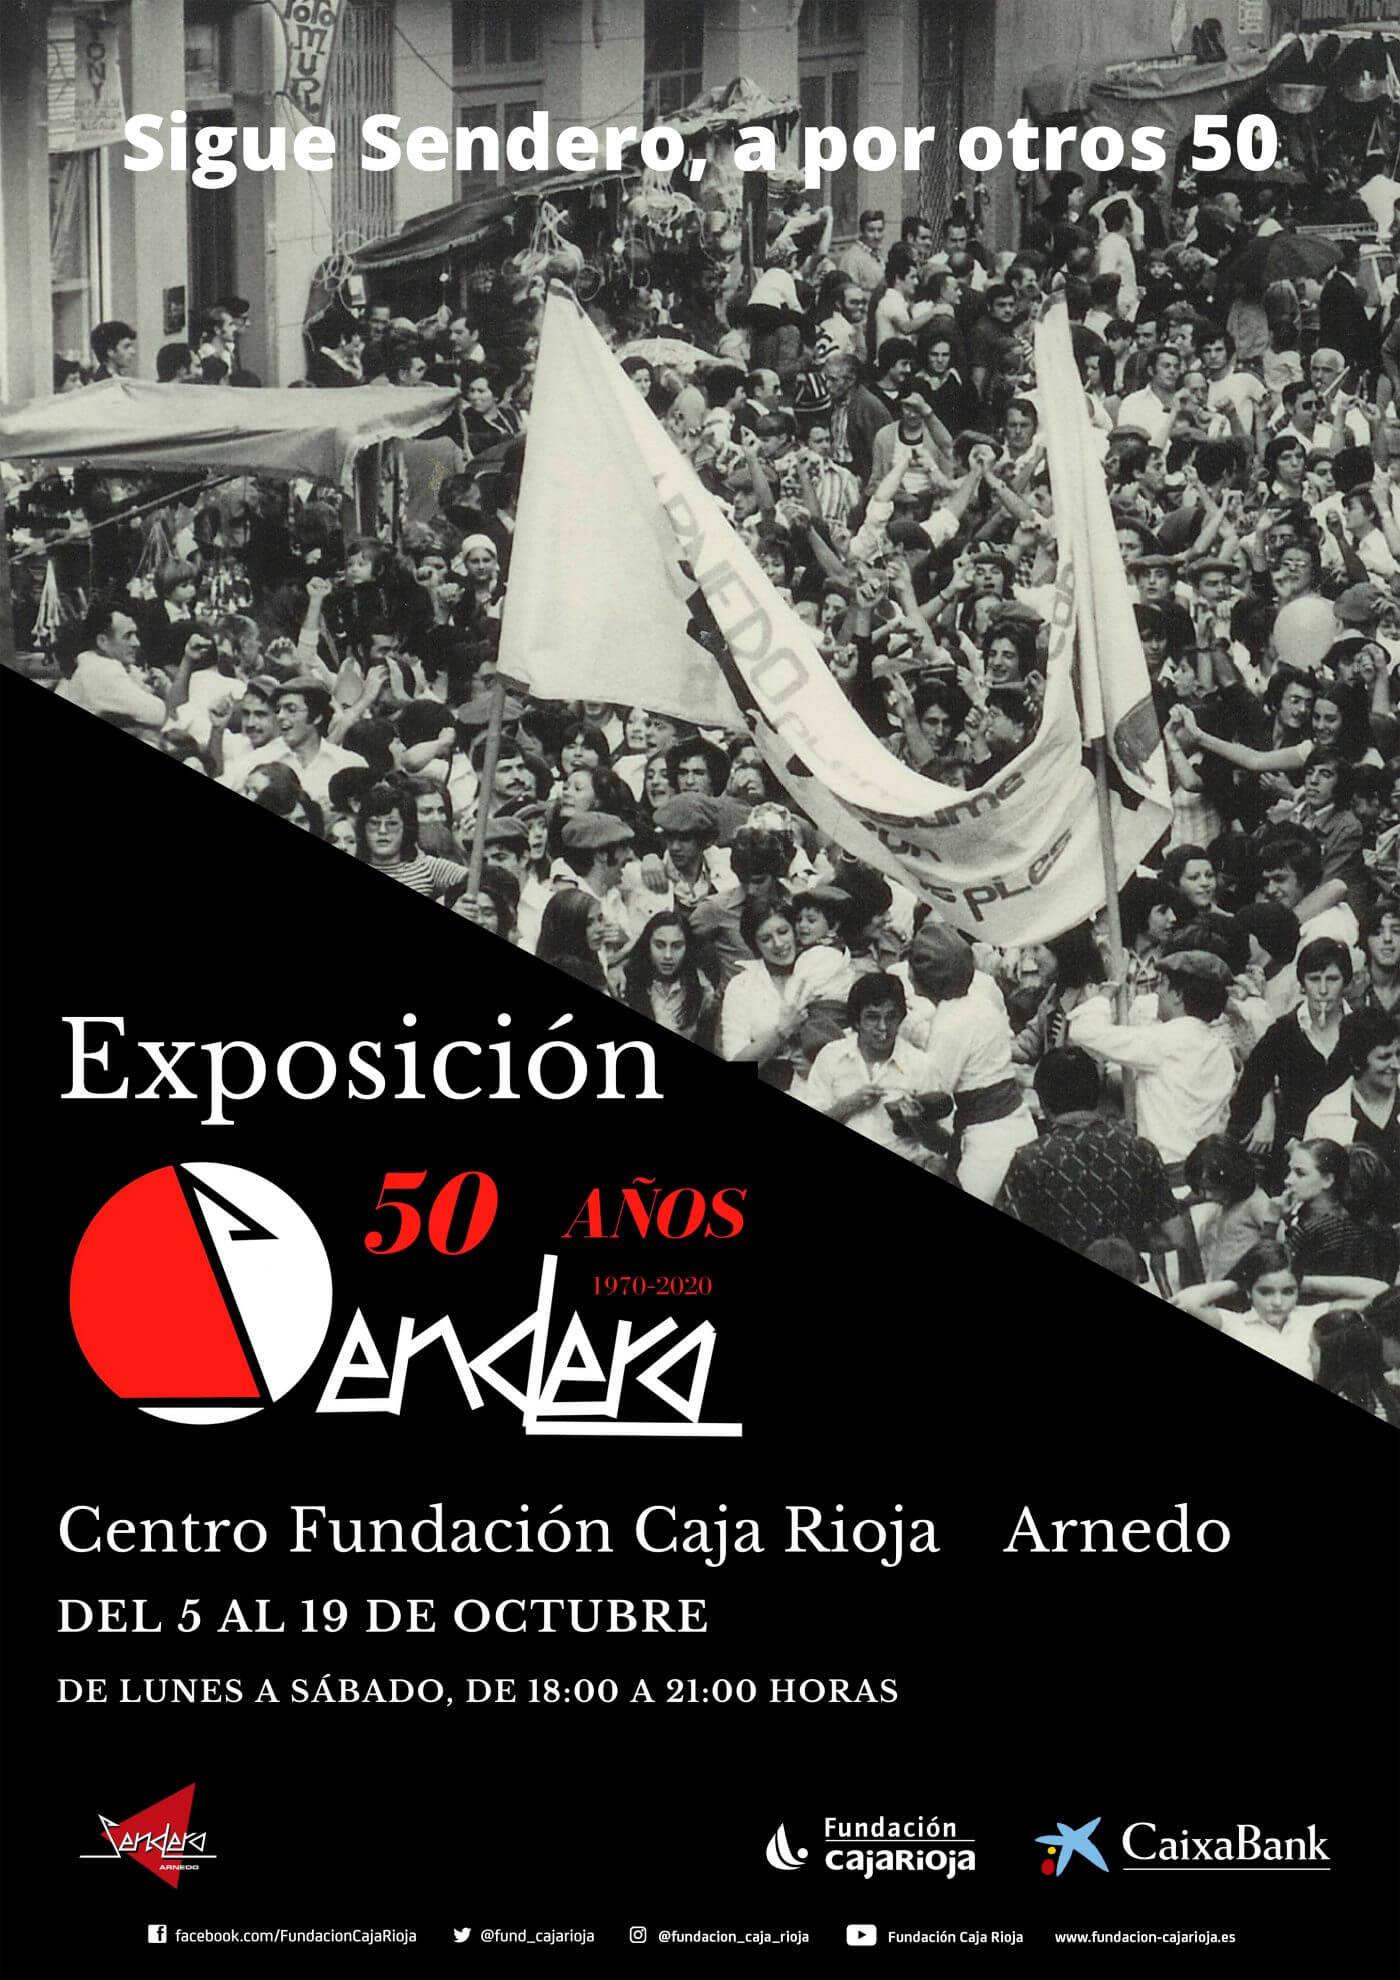 Lee más sobre el artículo El Centro Fundación Caja Rioja de Arnedo acoge una exposición del 50 aniversario de Sendero